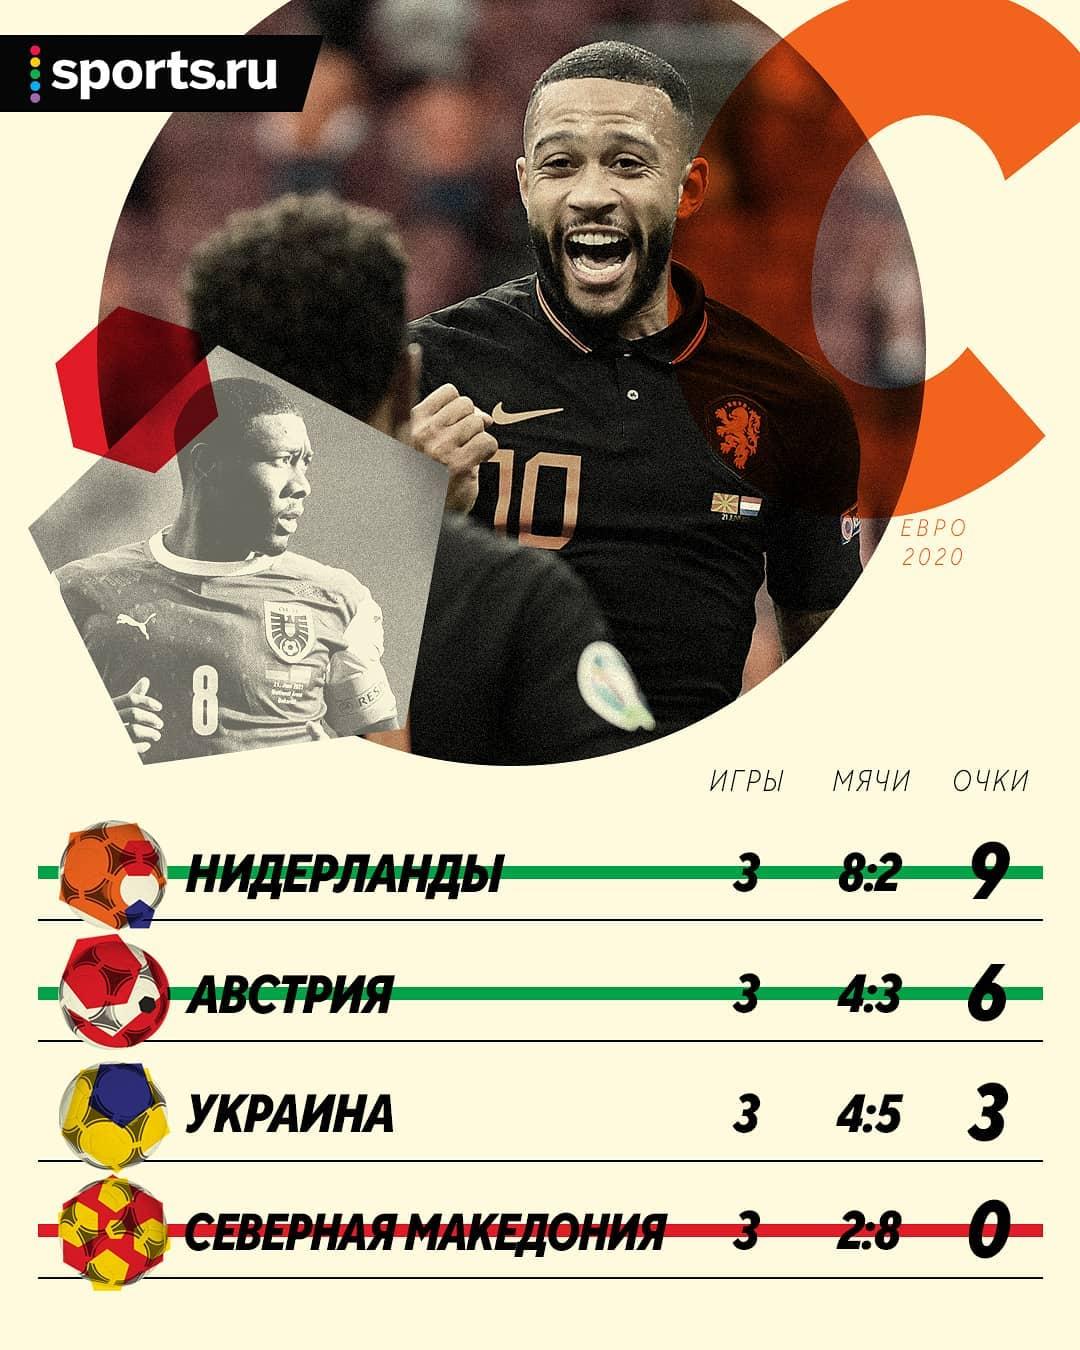 Испания, Португалия и Германия могут не попасть в плей-офф. Все расклады перед последним днем группового этапа